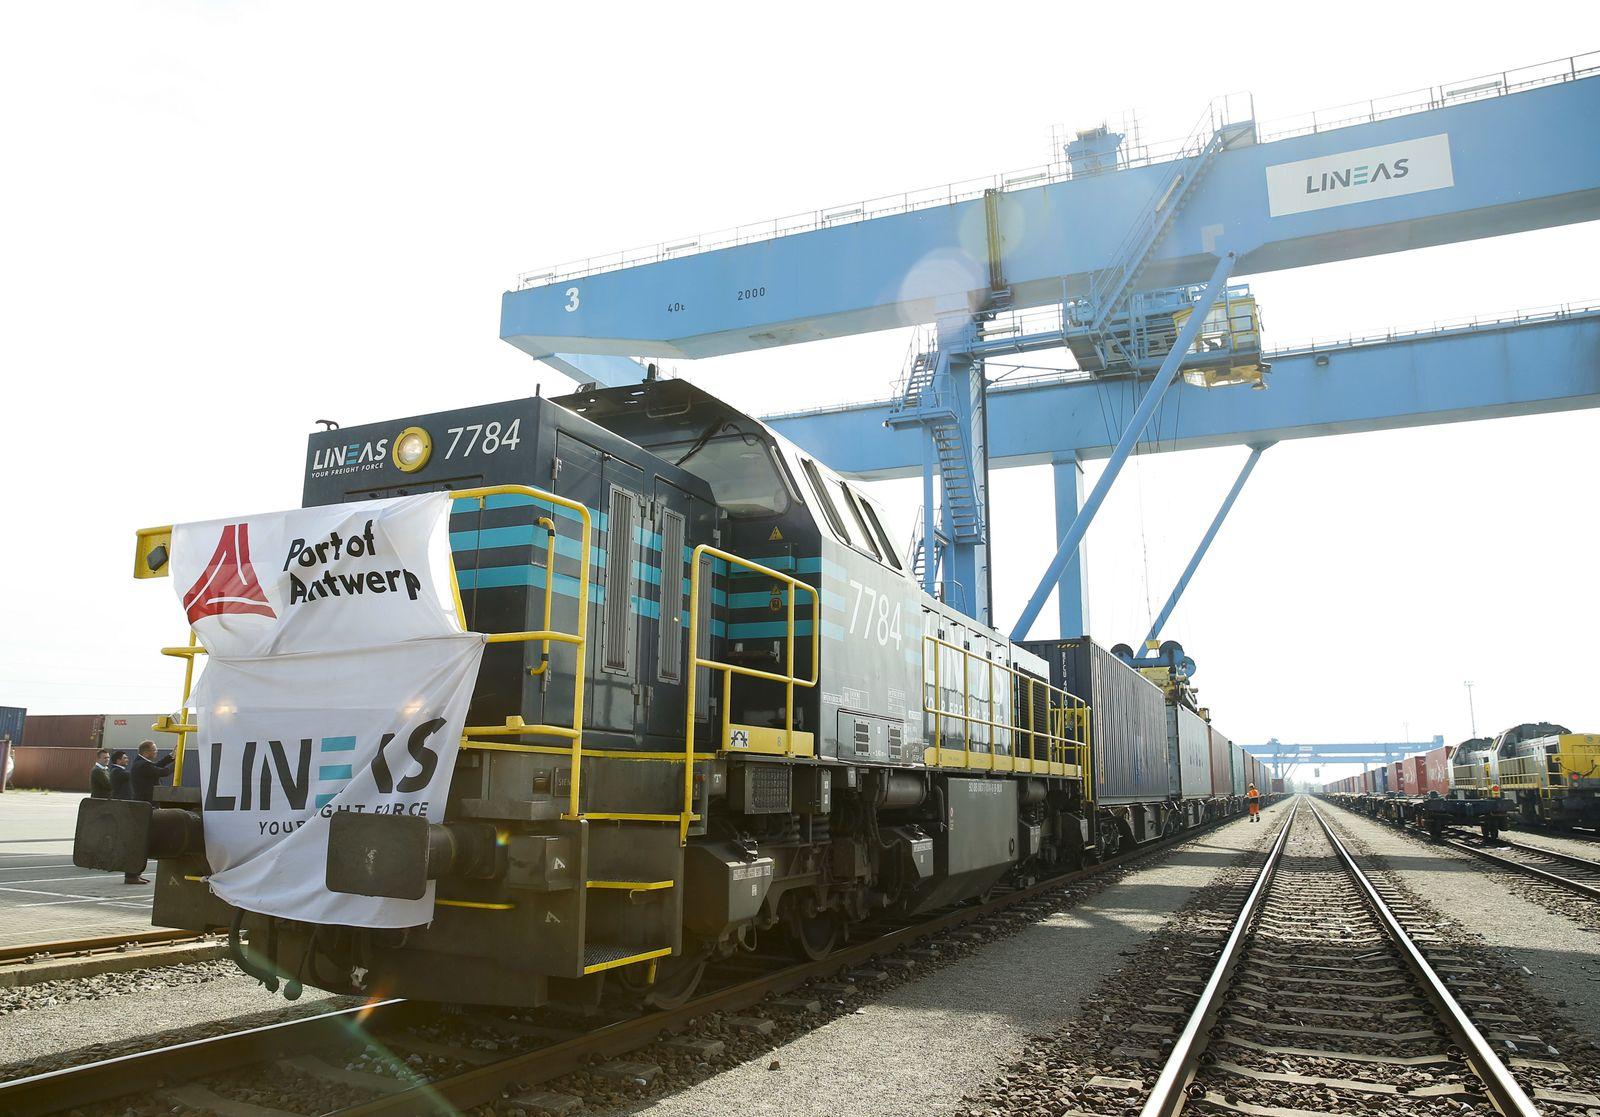 Chinesischer Güterzug in Antwerpen